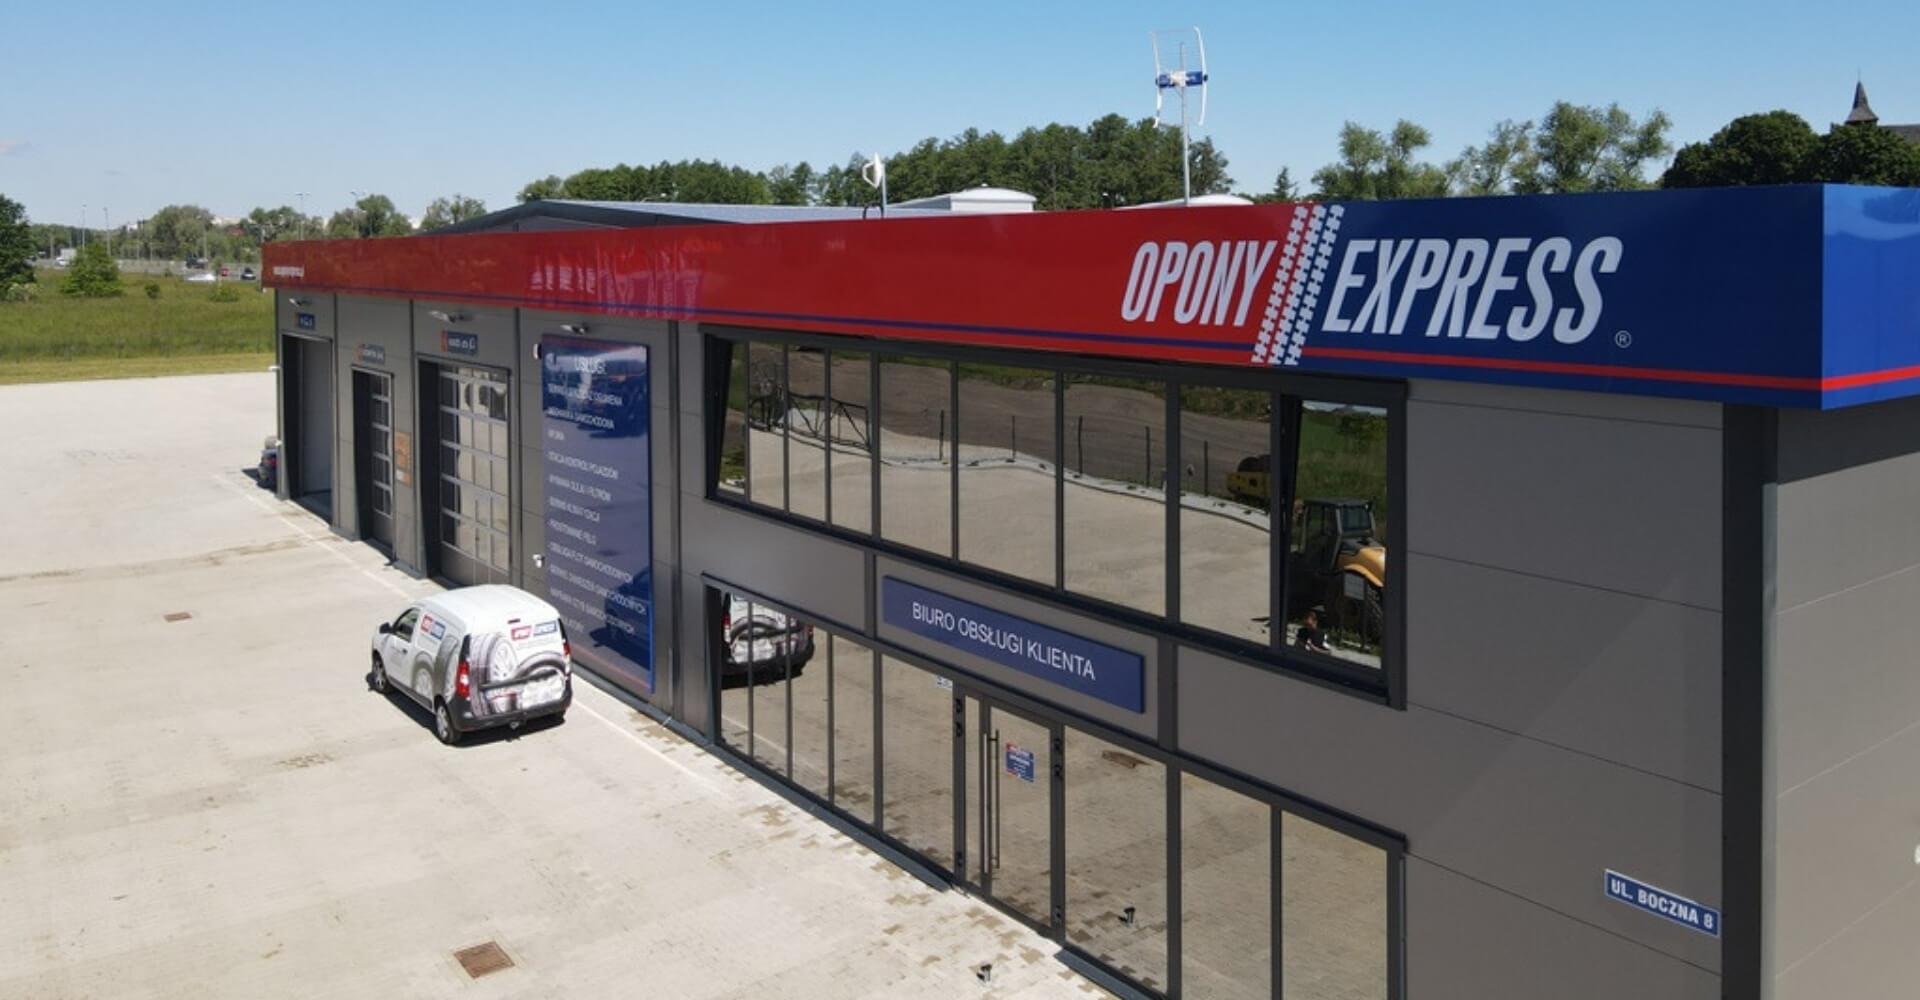 opony express lubin